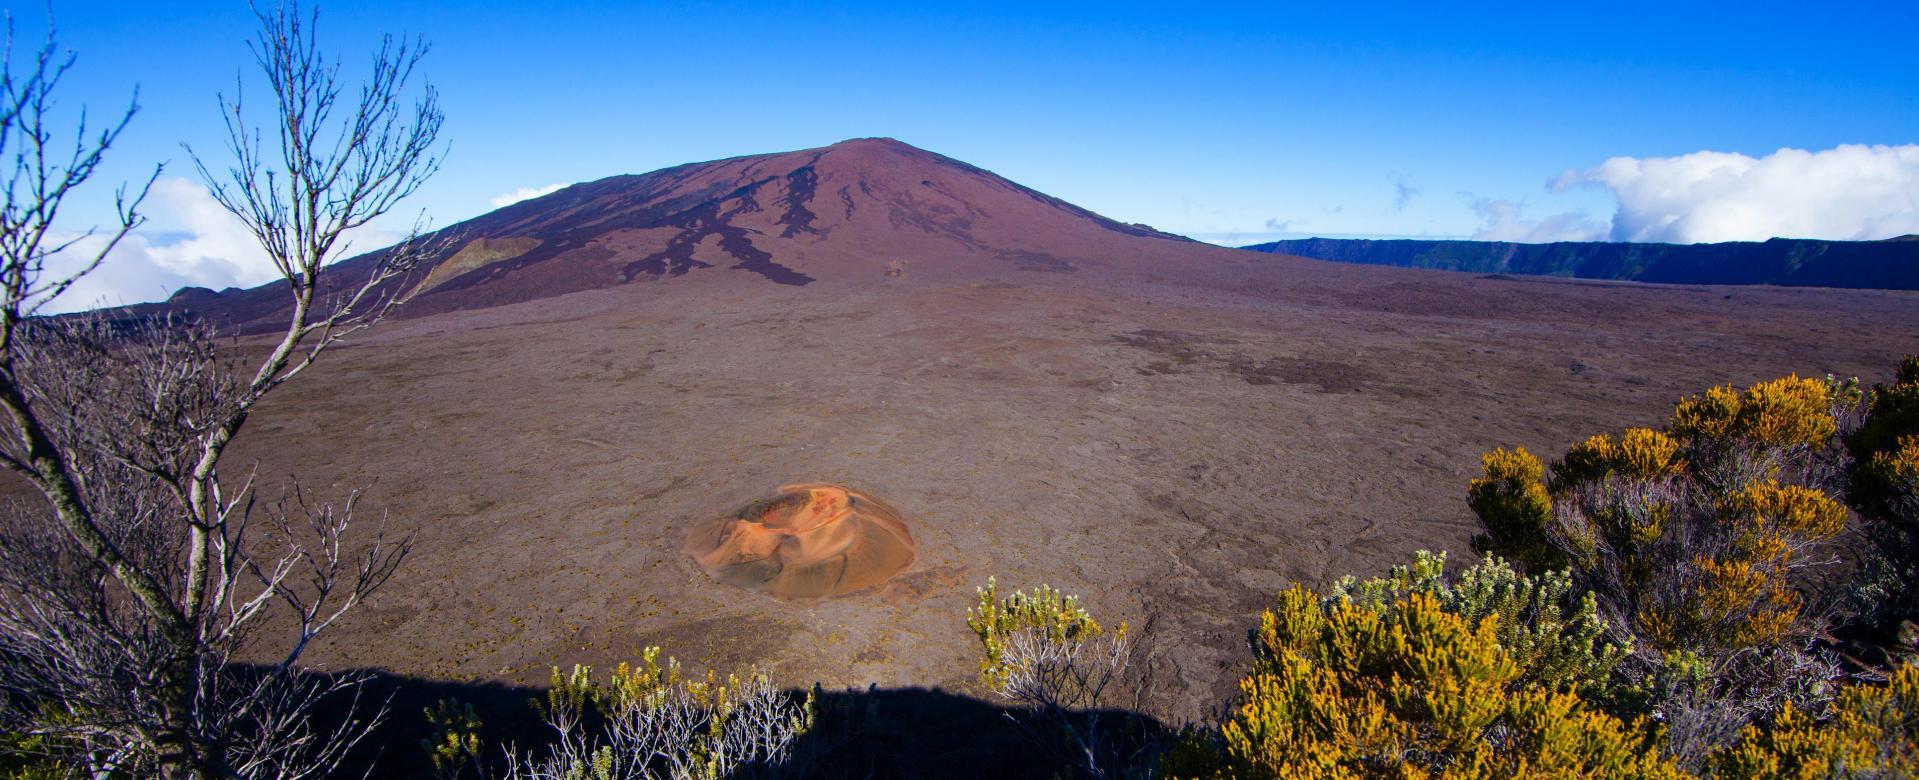 Voyage à pied : Douceurs créoles entre cirques et volcans